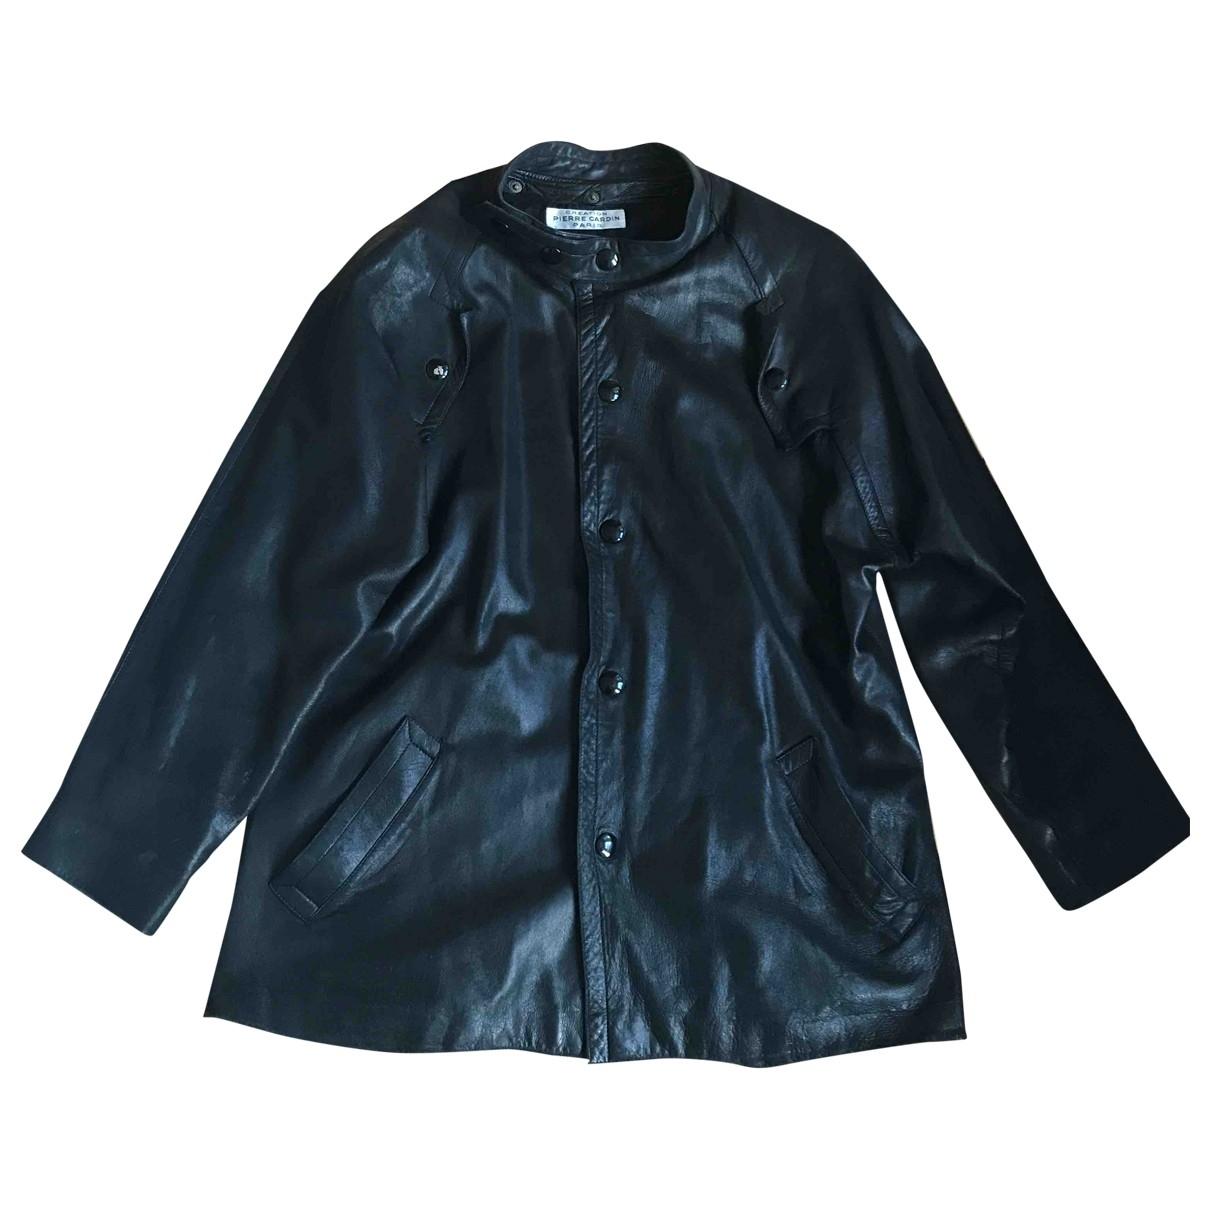 Pierre Cardin \N Jacke in  Schwarz Leder